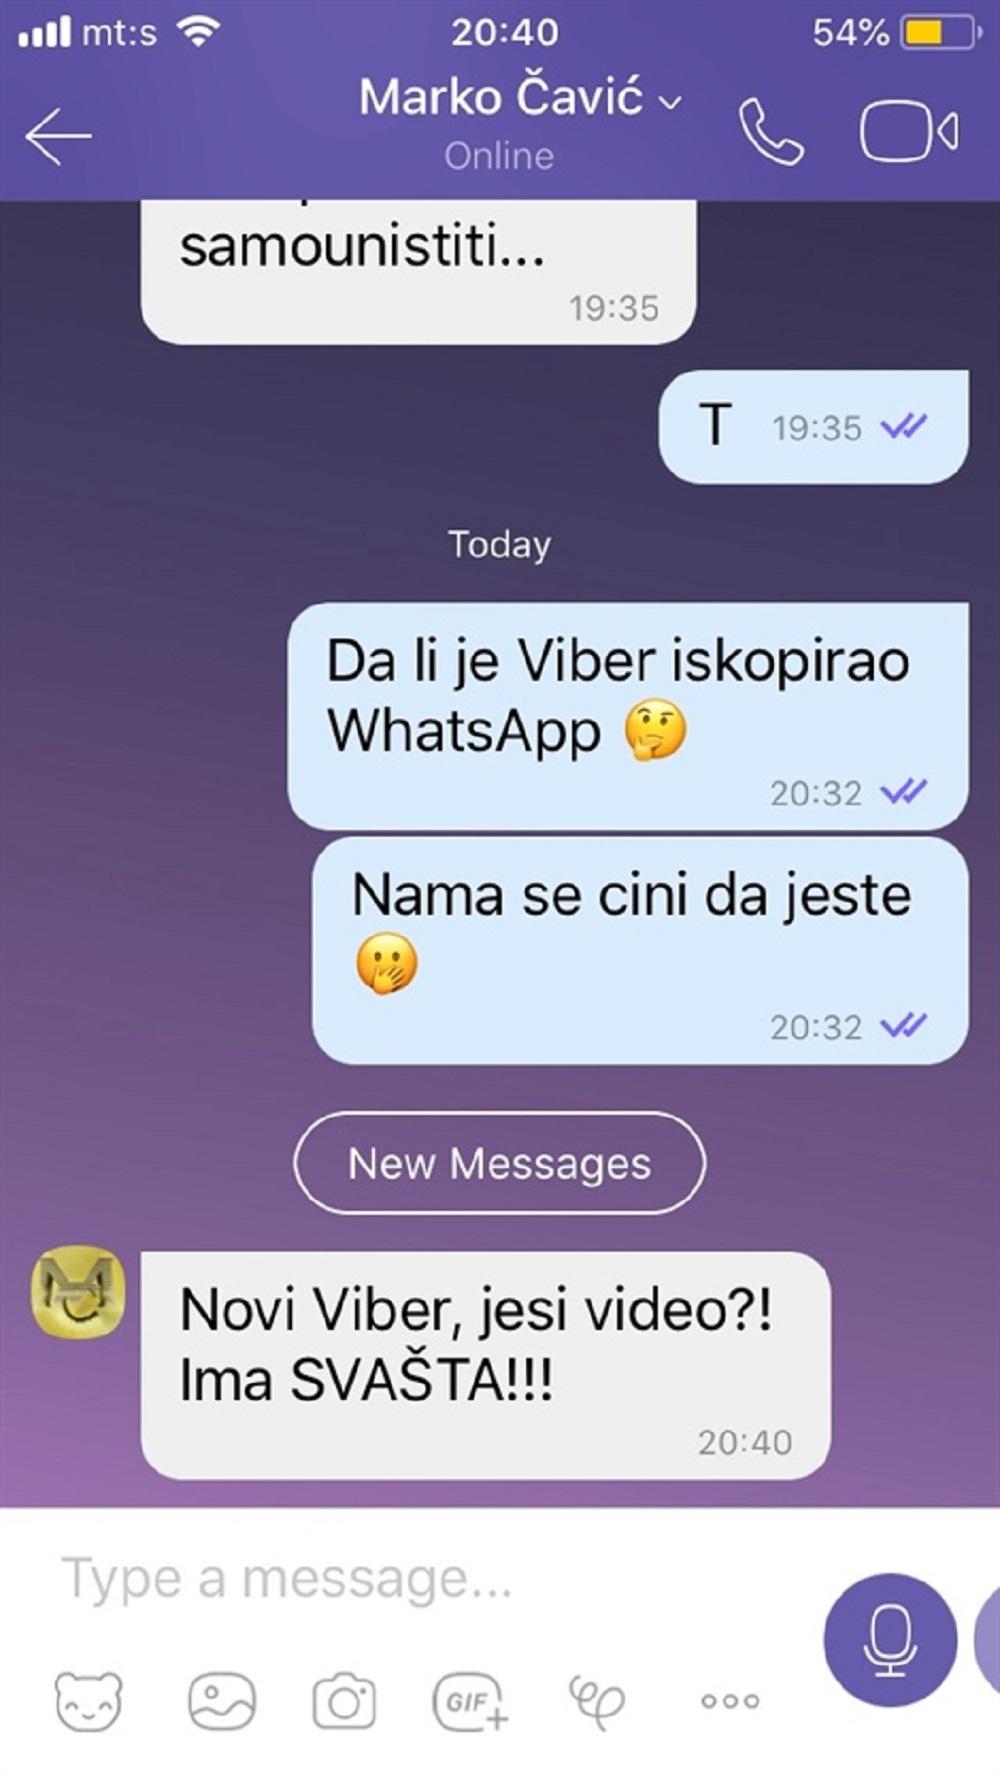 Šta nam donosi novi Viber?